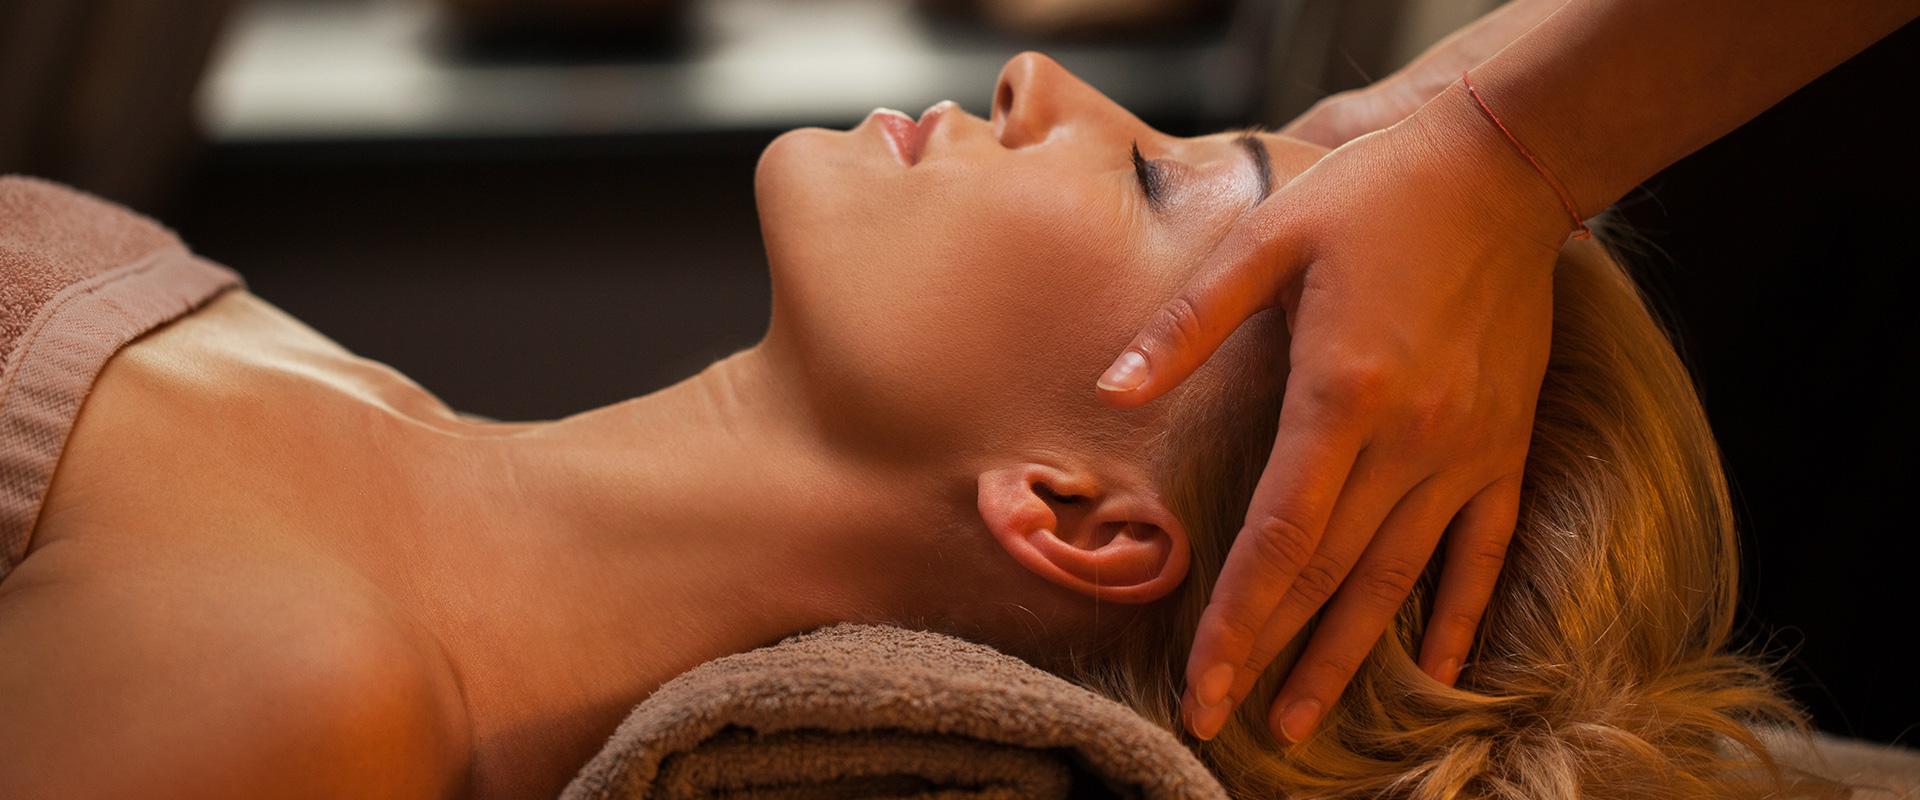 Massage | Backbone Wellness Center in Cedar Park, Texas